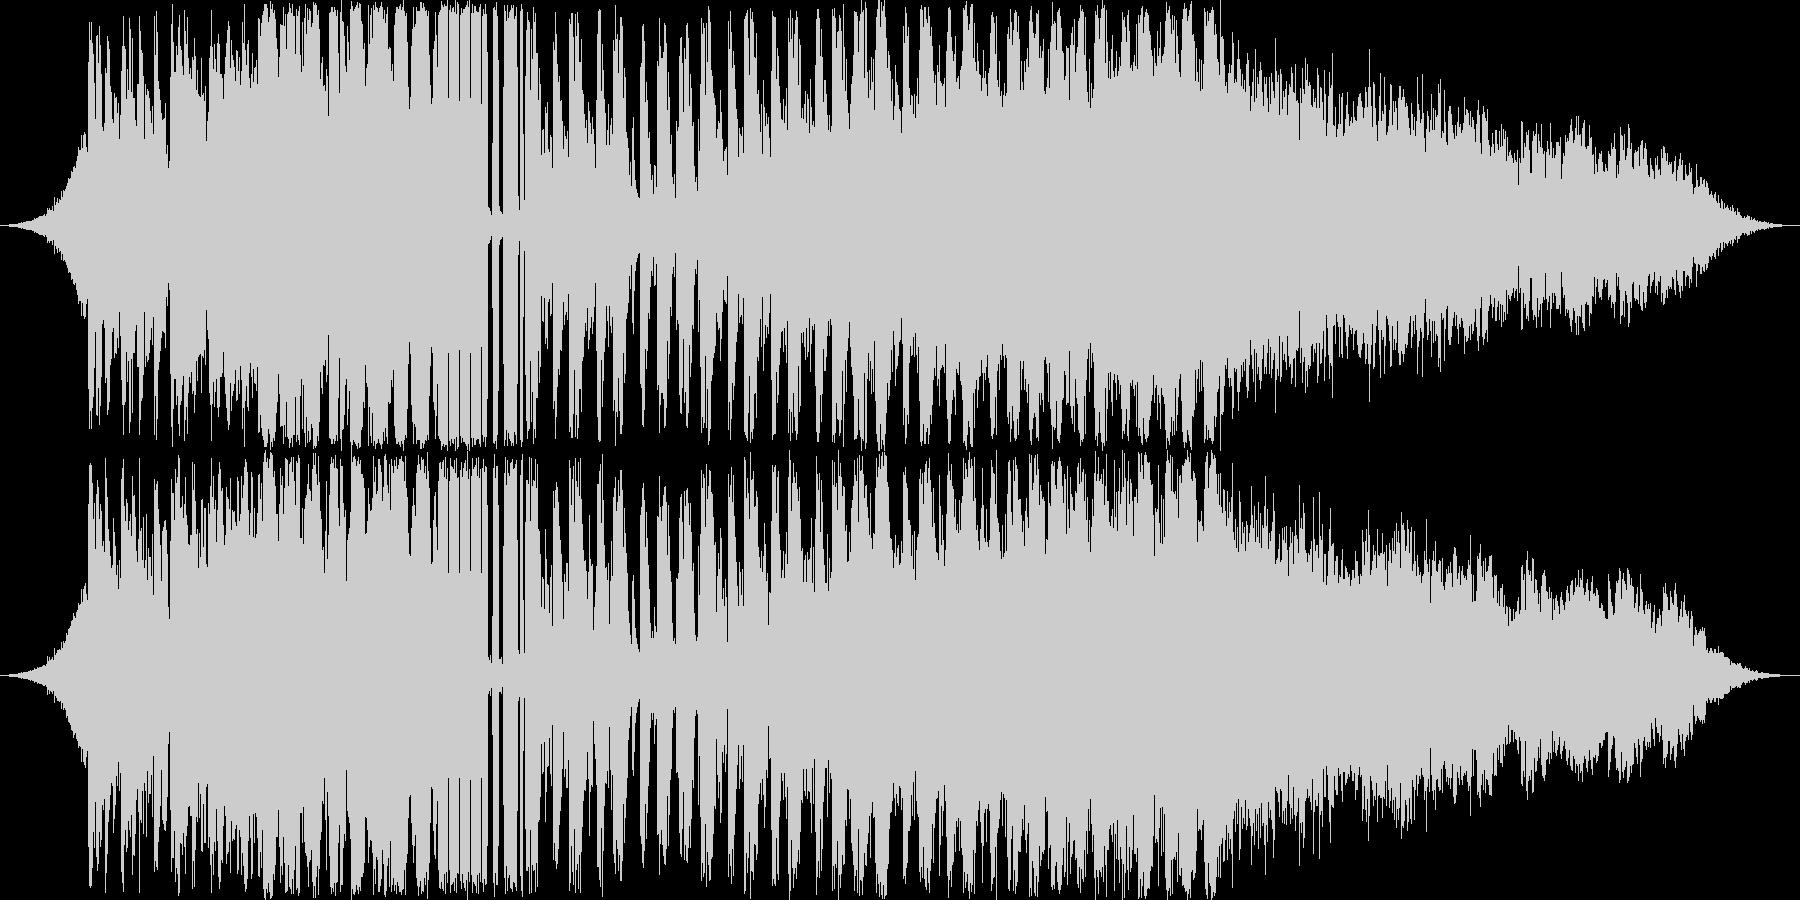 Neptuneのスピンオフ楽曲になりま…の未再生の波形